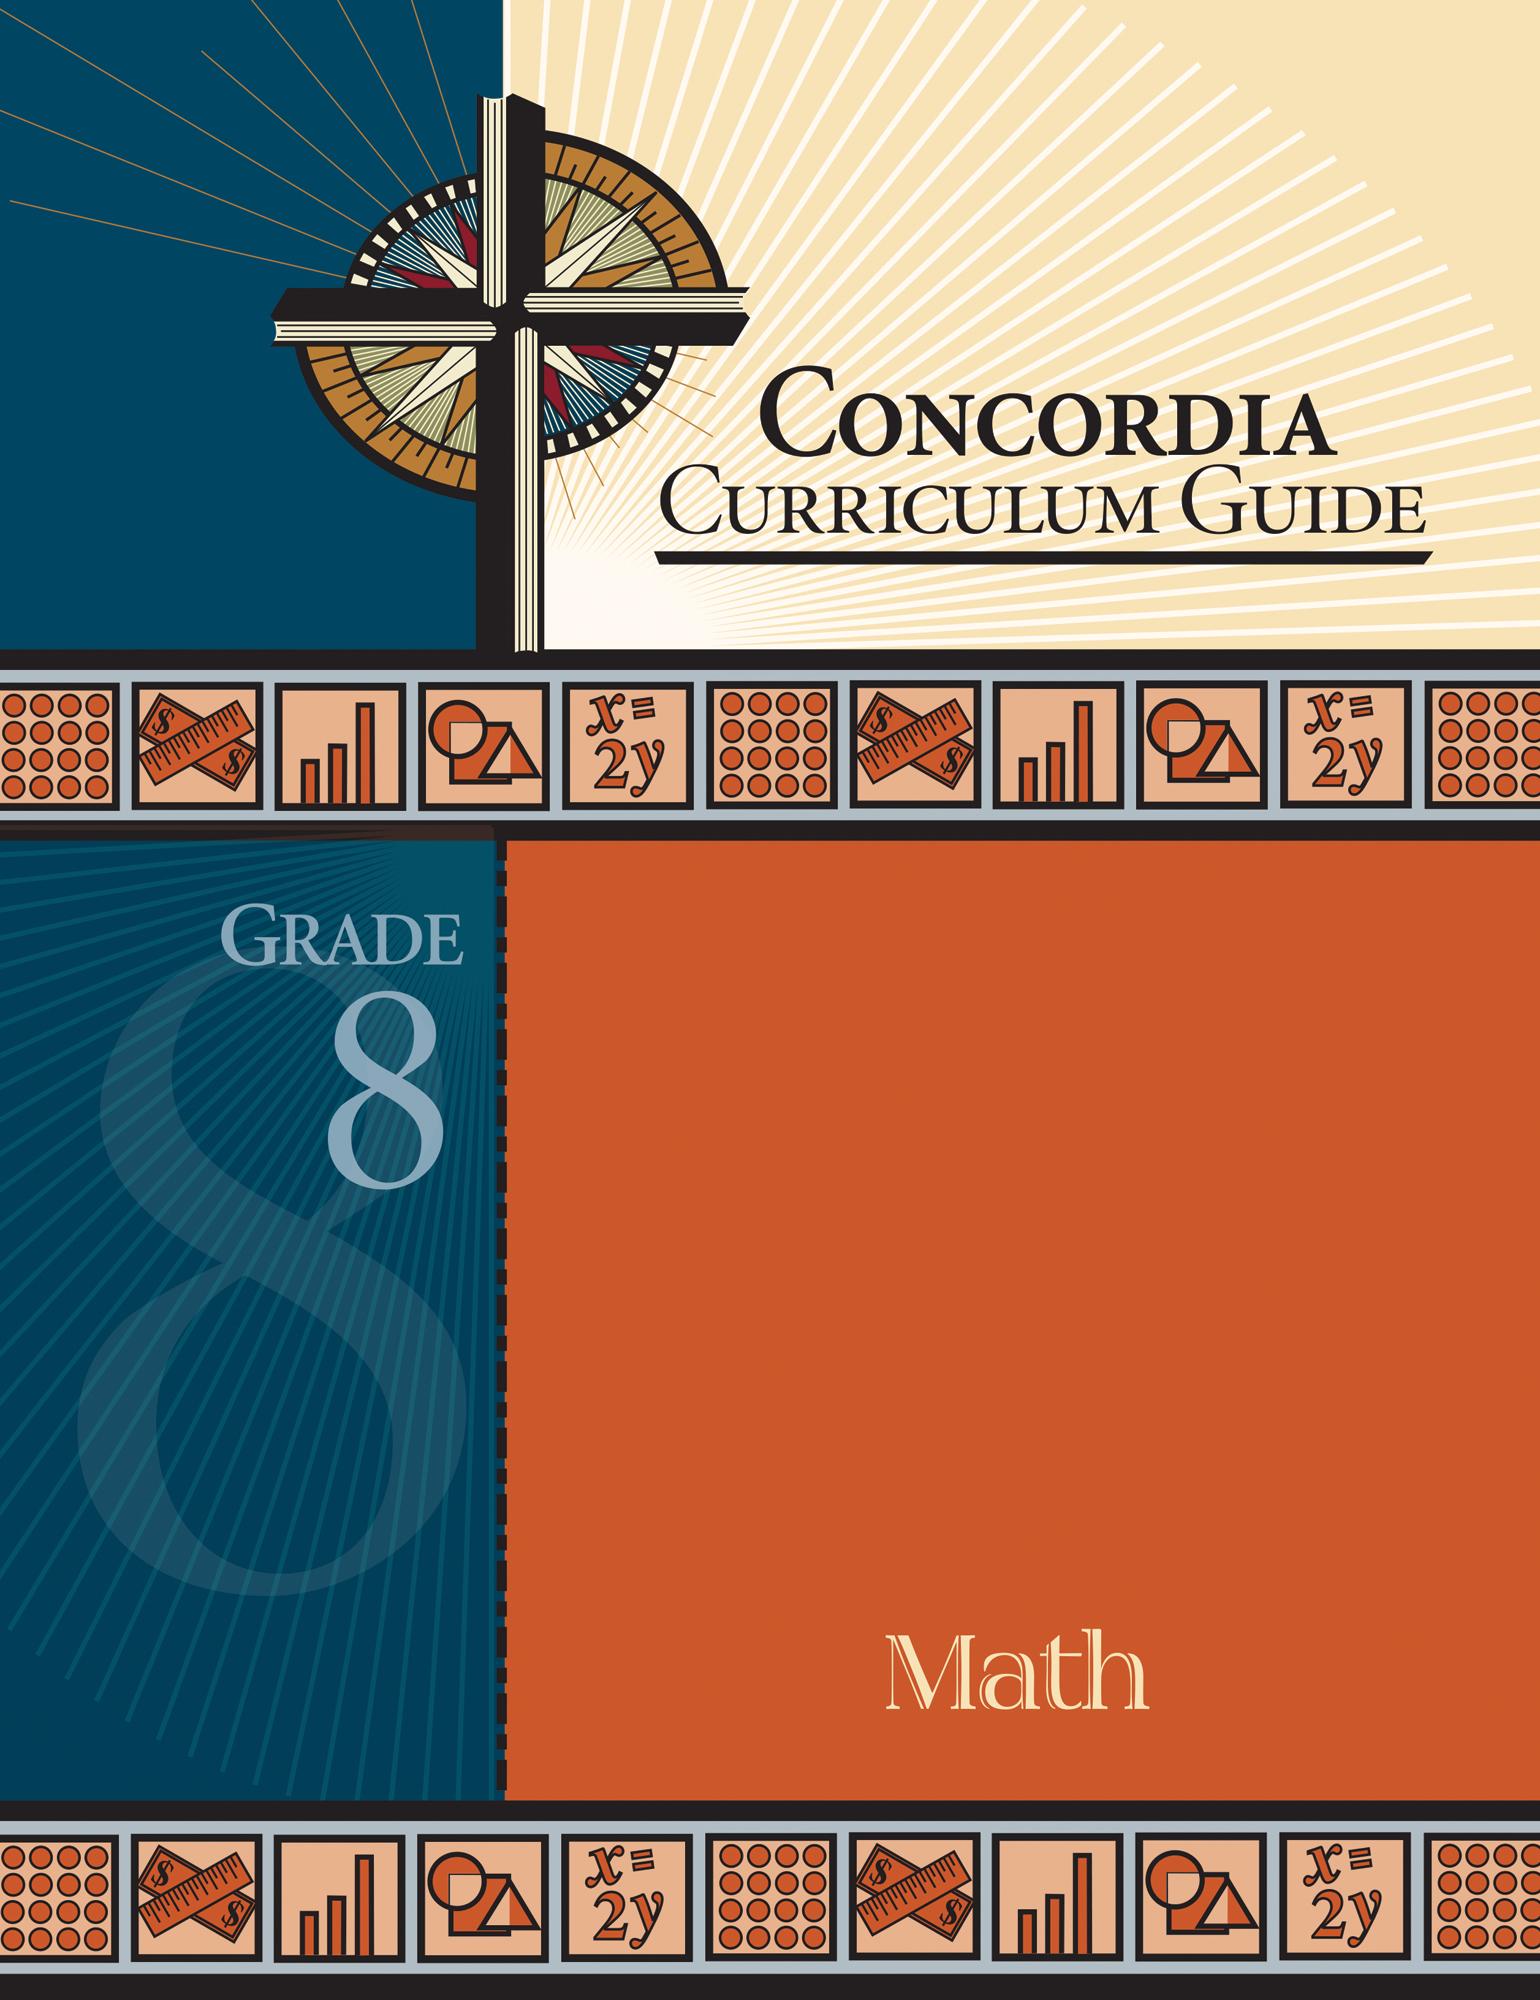 Concordia Curriculum Guide - Grade 8 Math